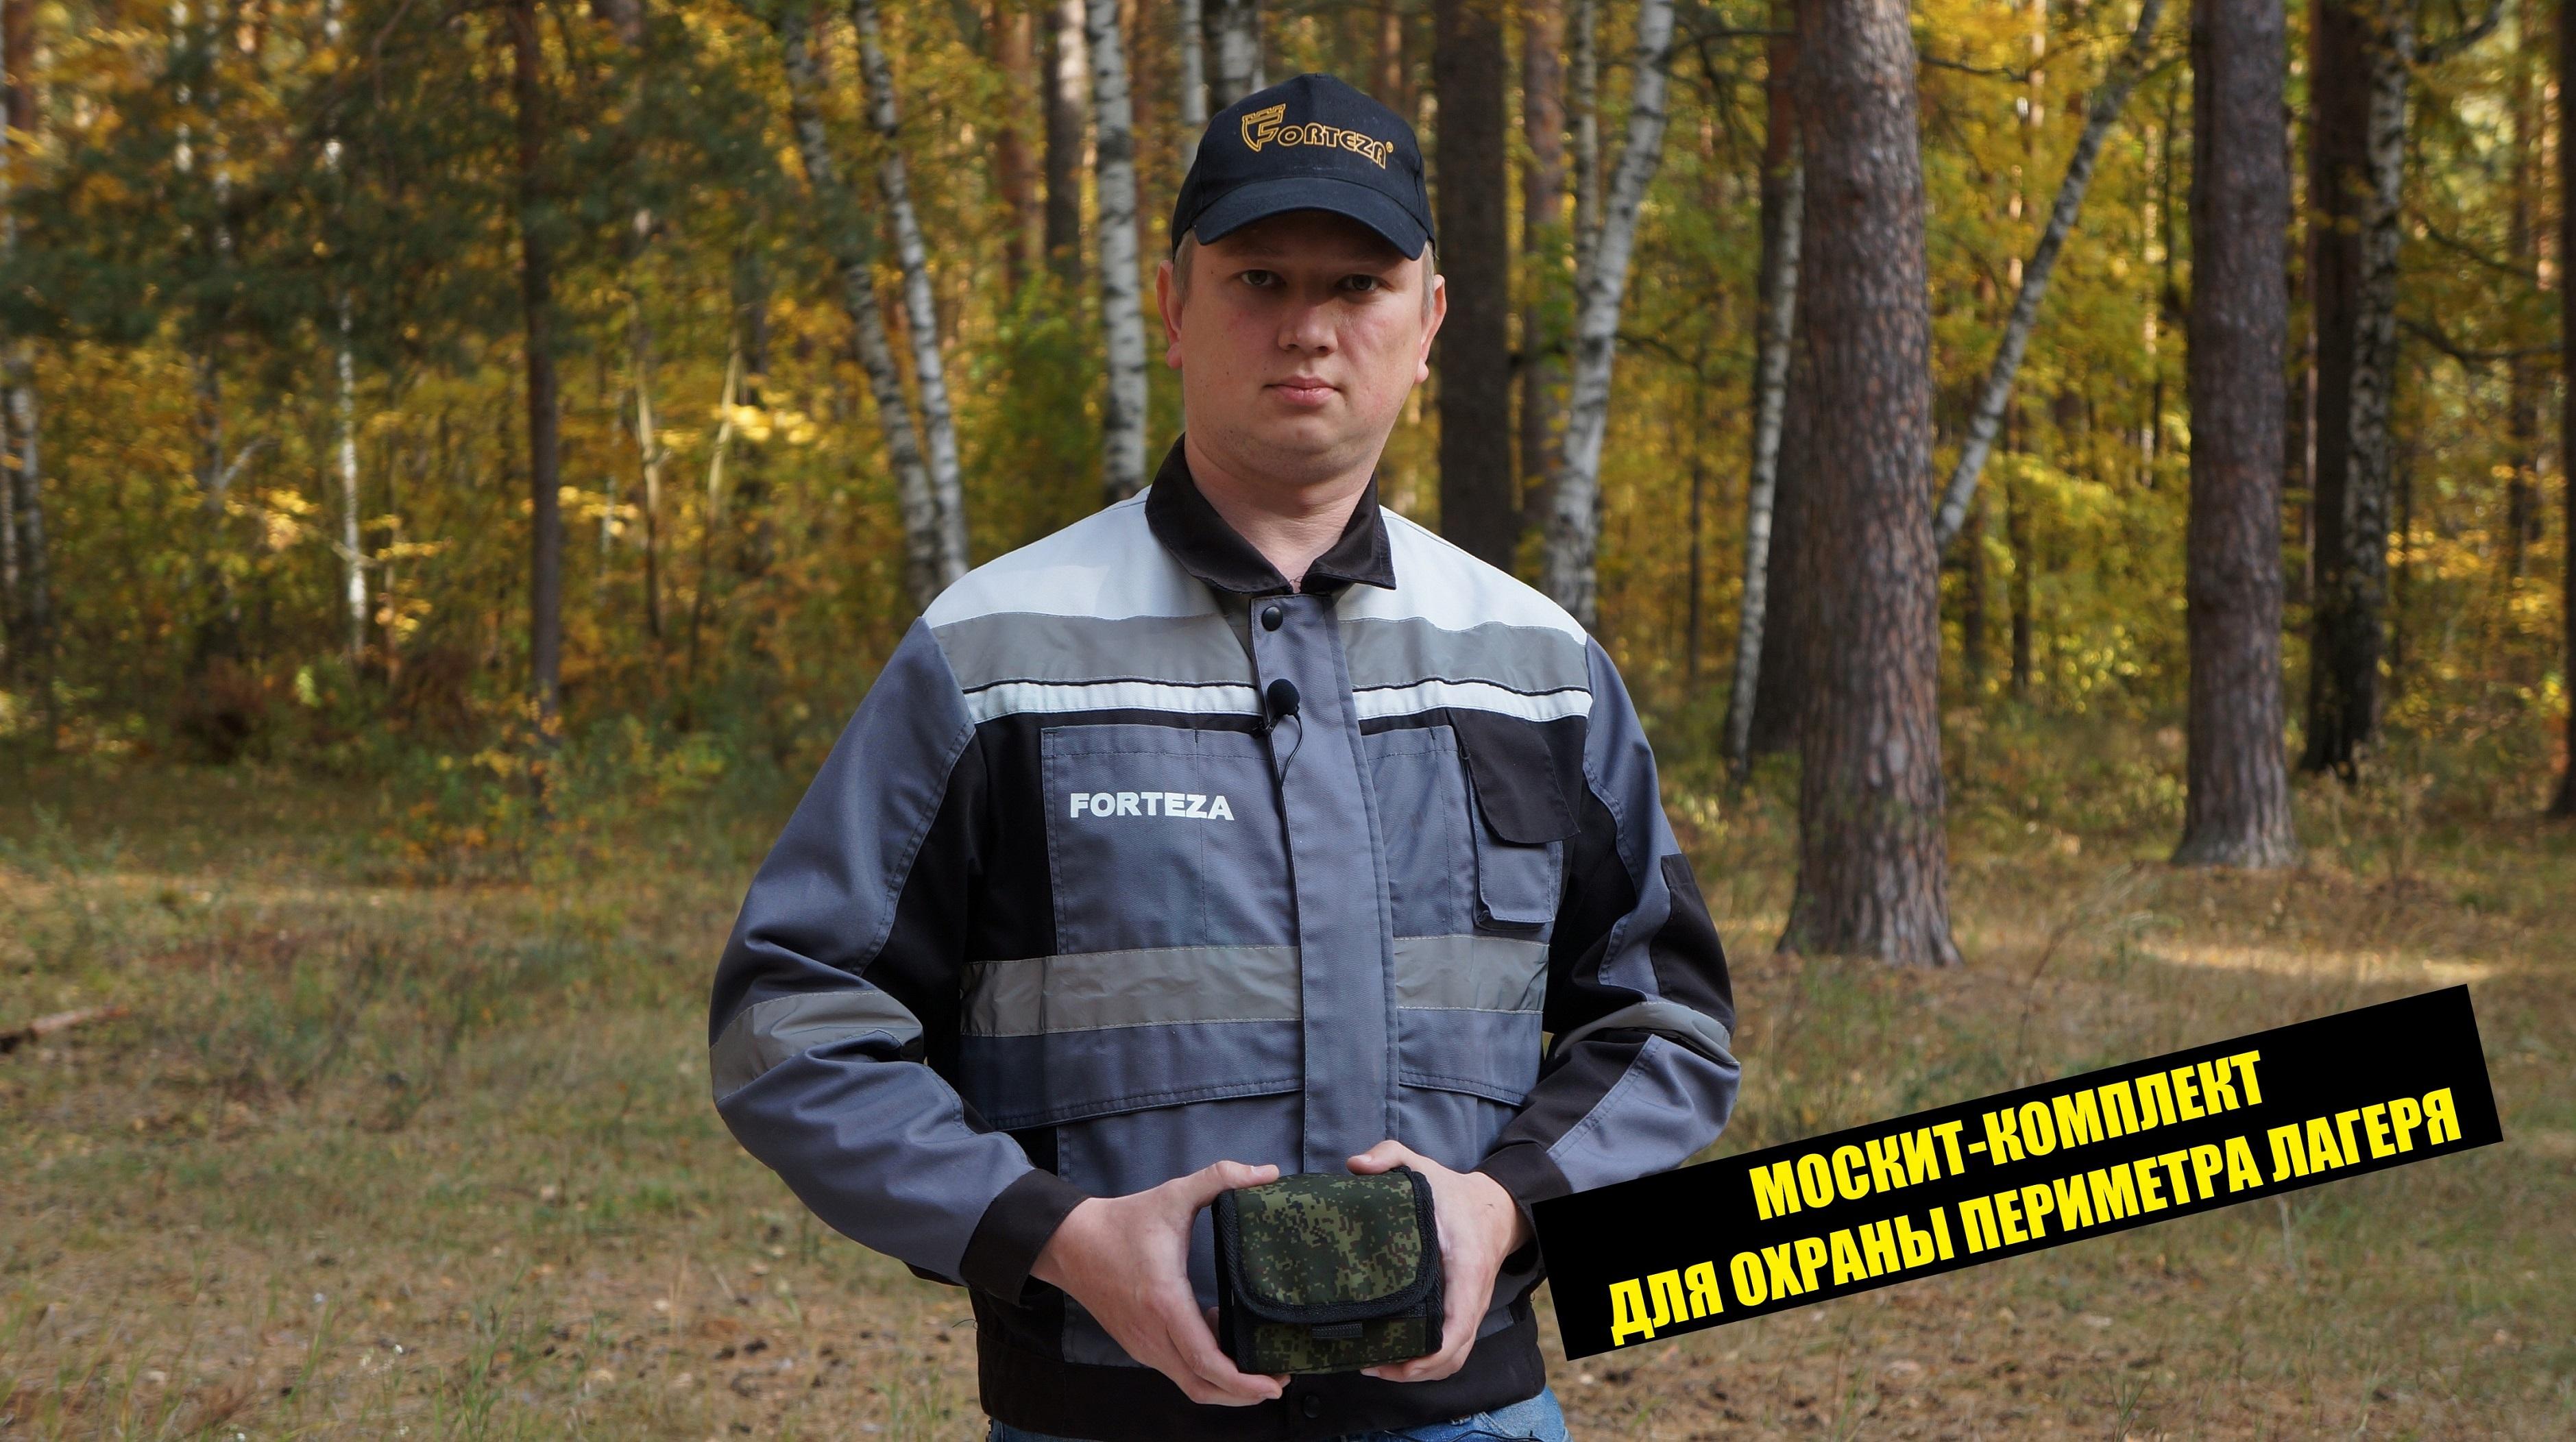 Видео: Извещатель МОСКИТ для охраны периметра лагеря